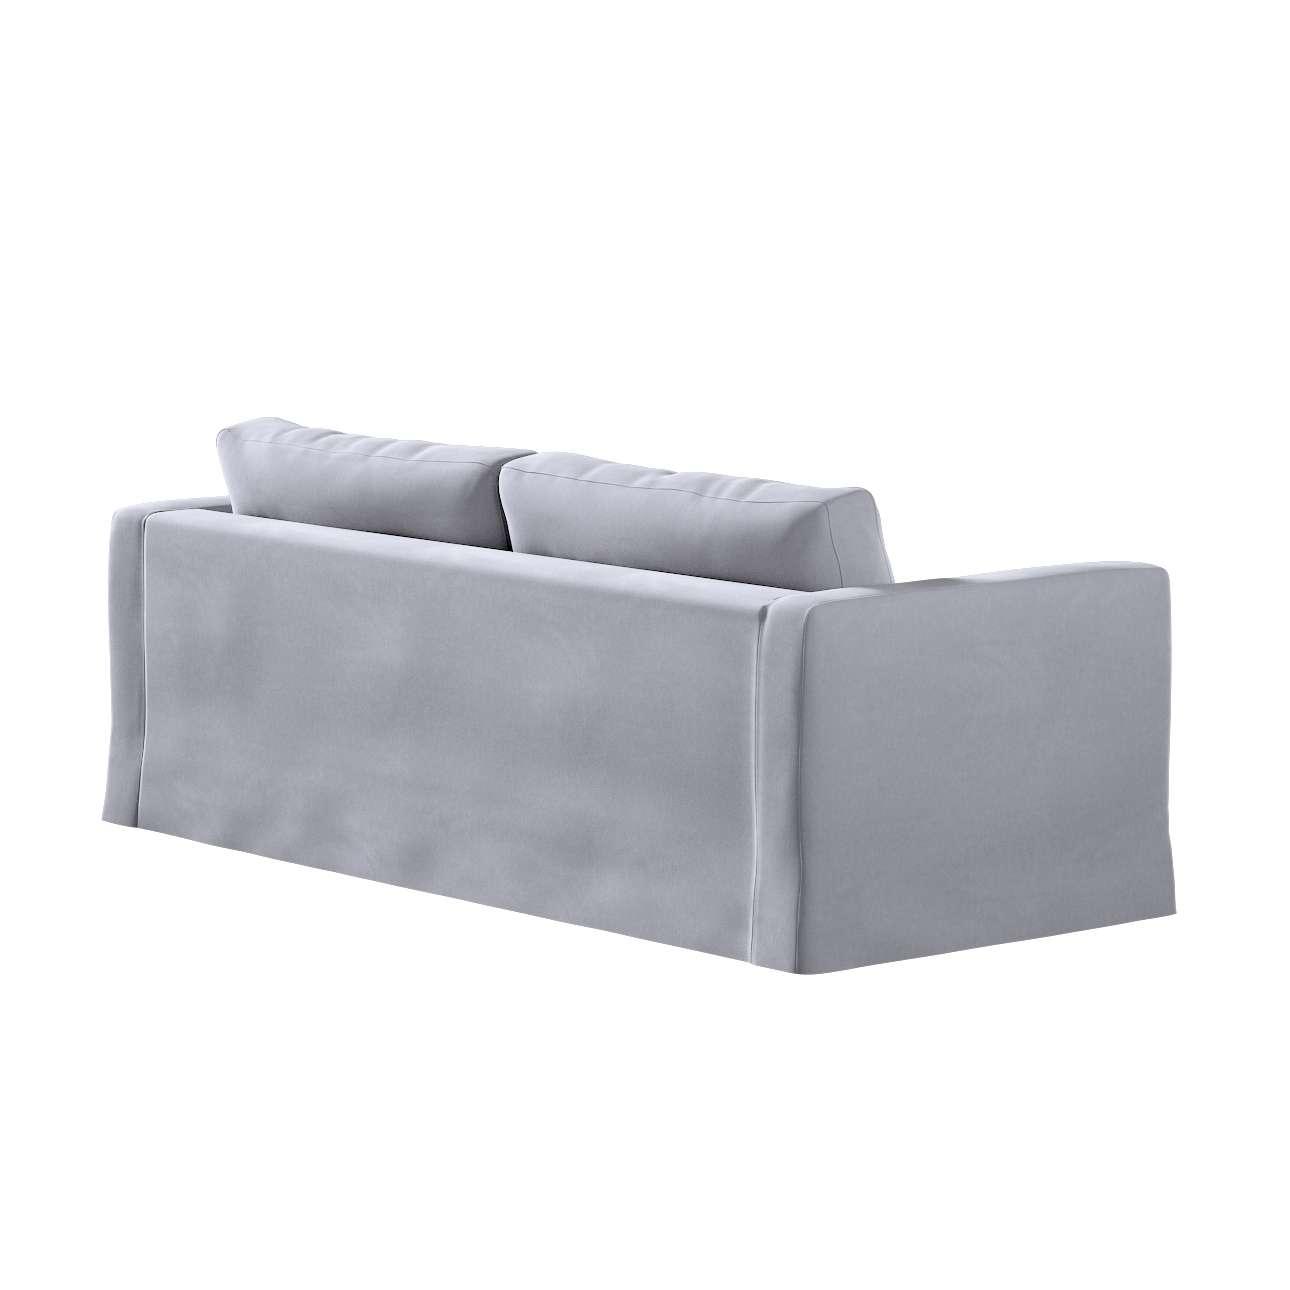 Karlstad klädsel 3-pers. soffa -  lång - 204cm i kollektionen Velvet, Tyg: 704-24